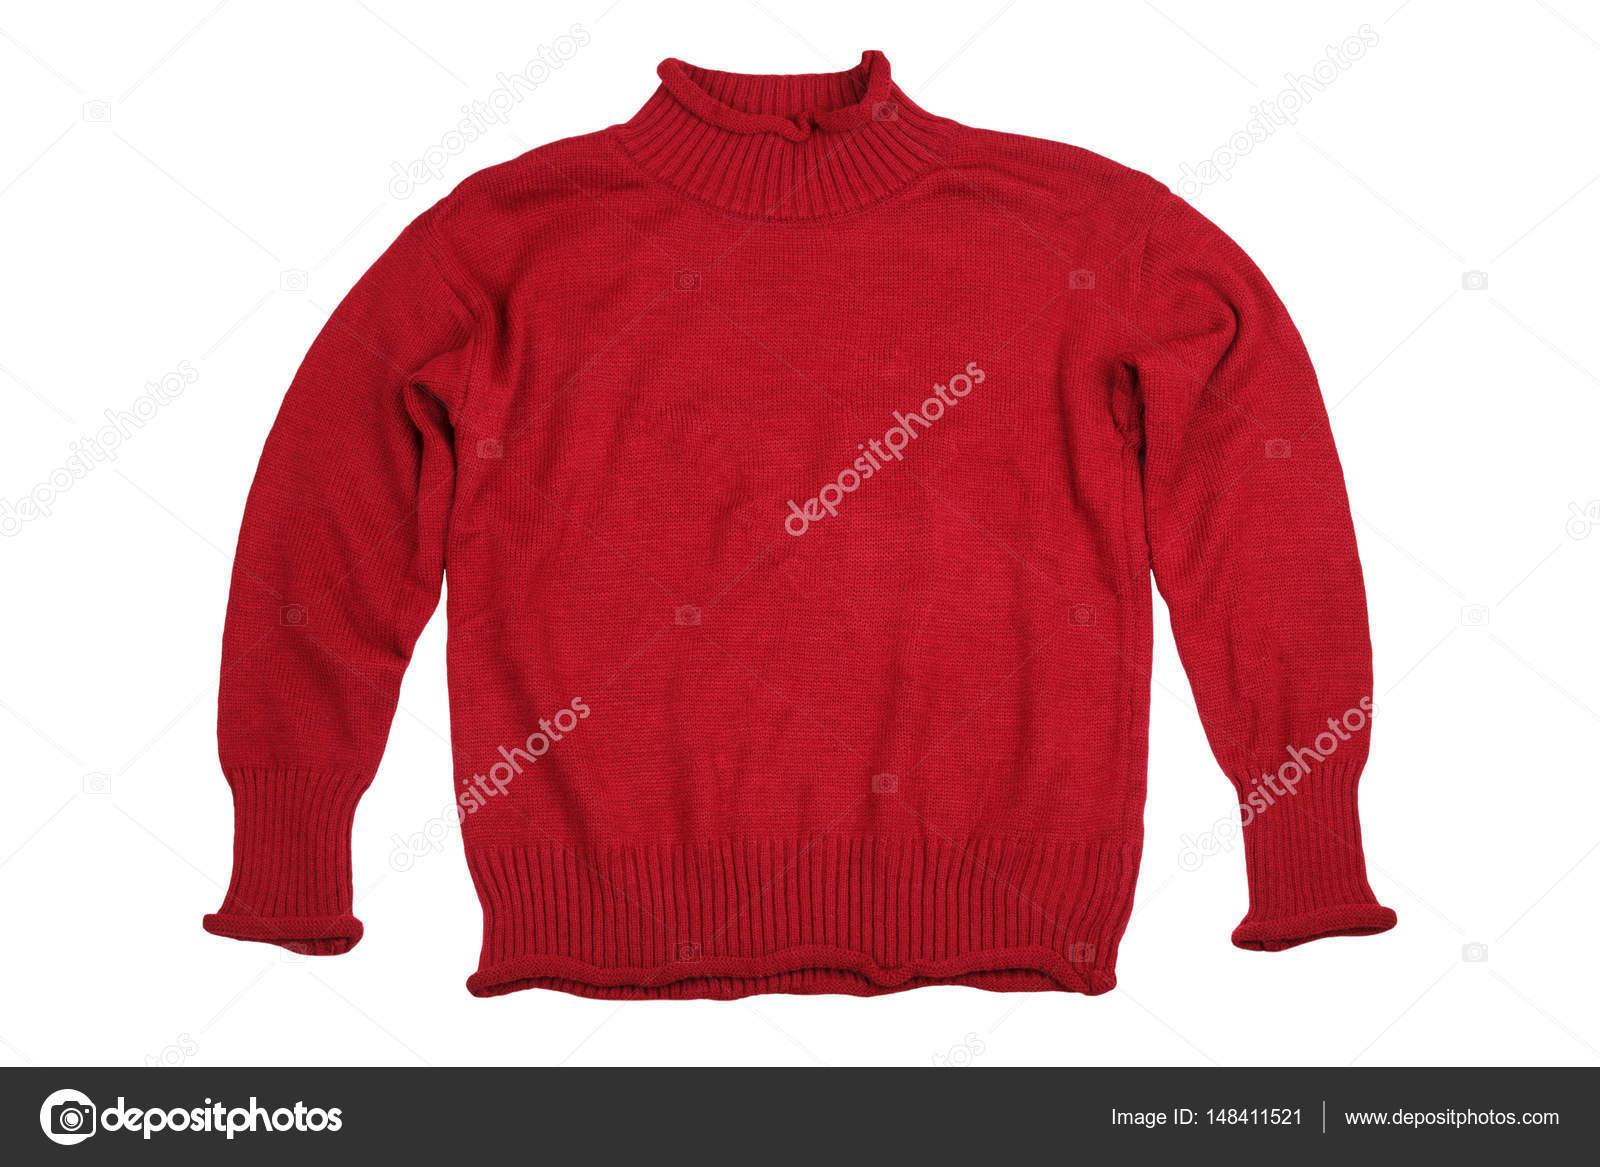 3c4470d54 Moda camisolas vermelhas roupas para temporada de inverno isoladas no fundo  branco — Fotografia por ...